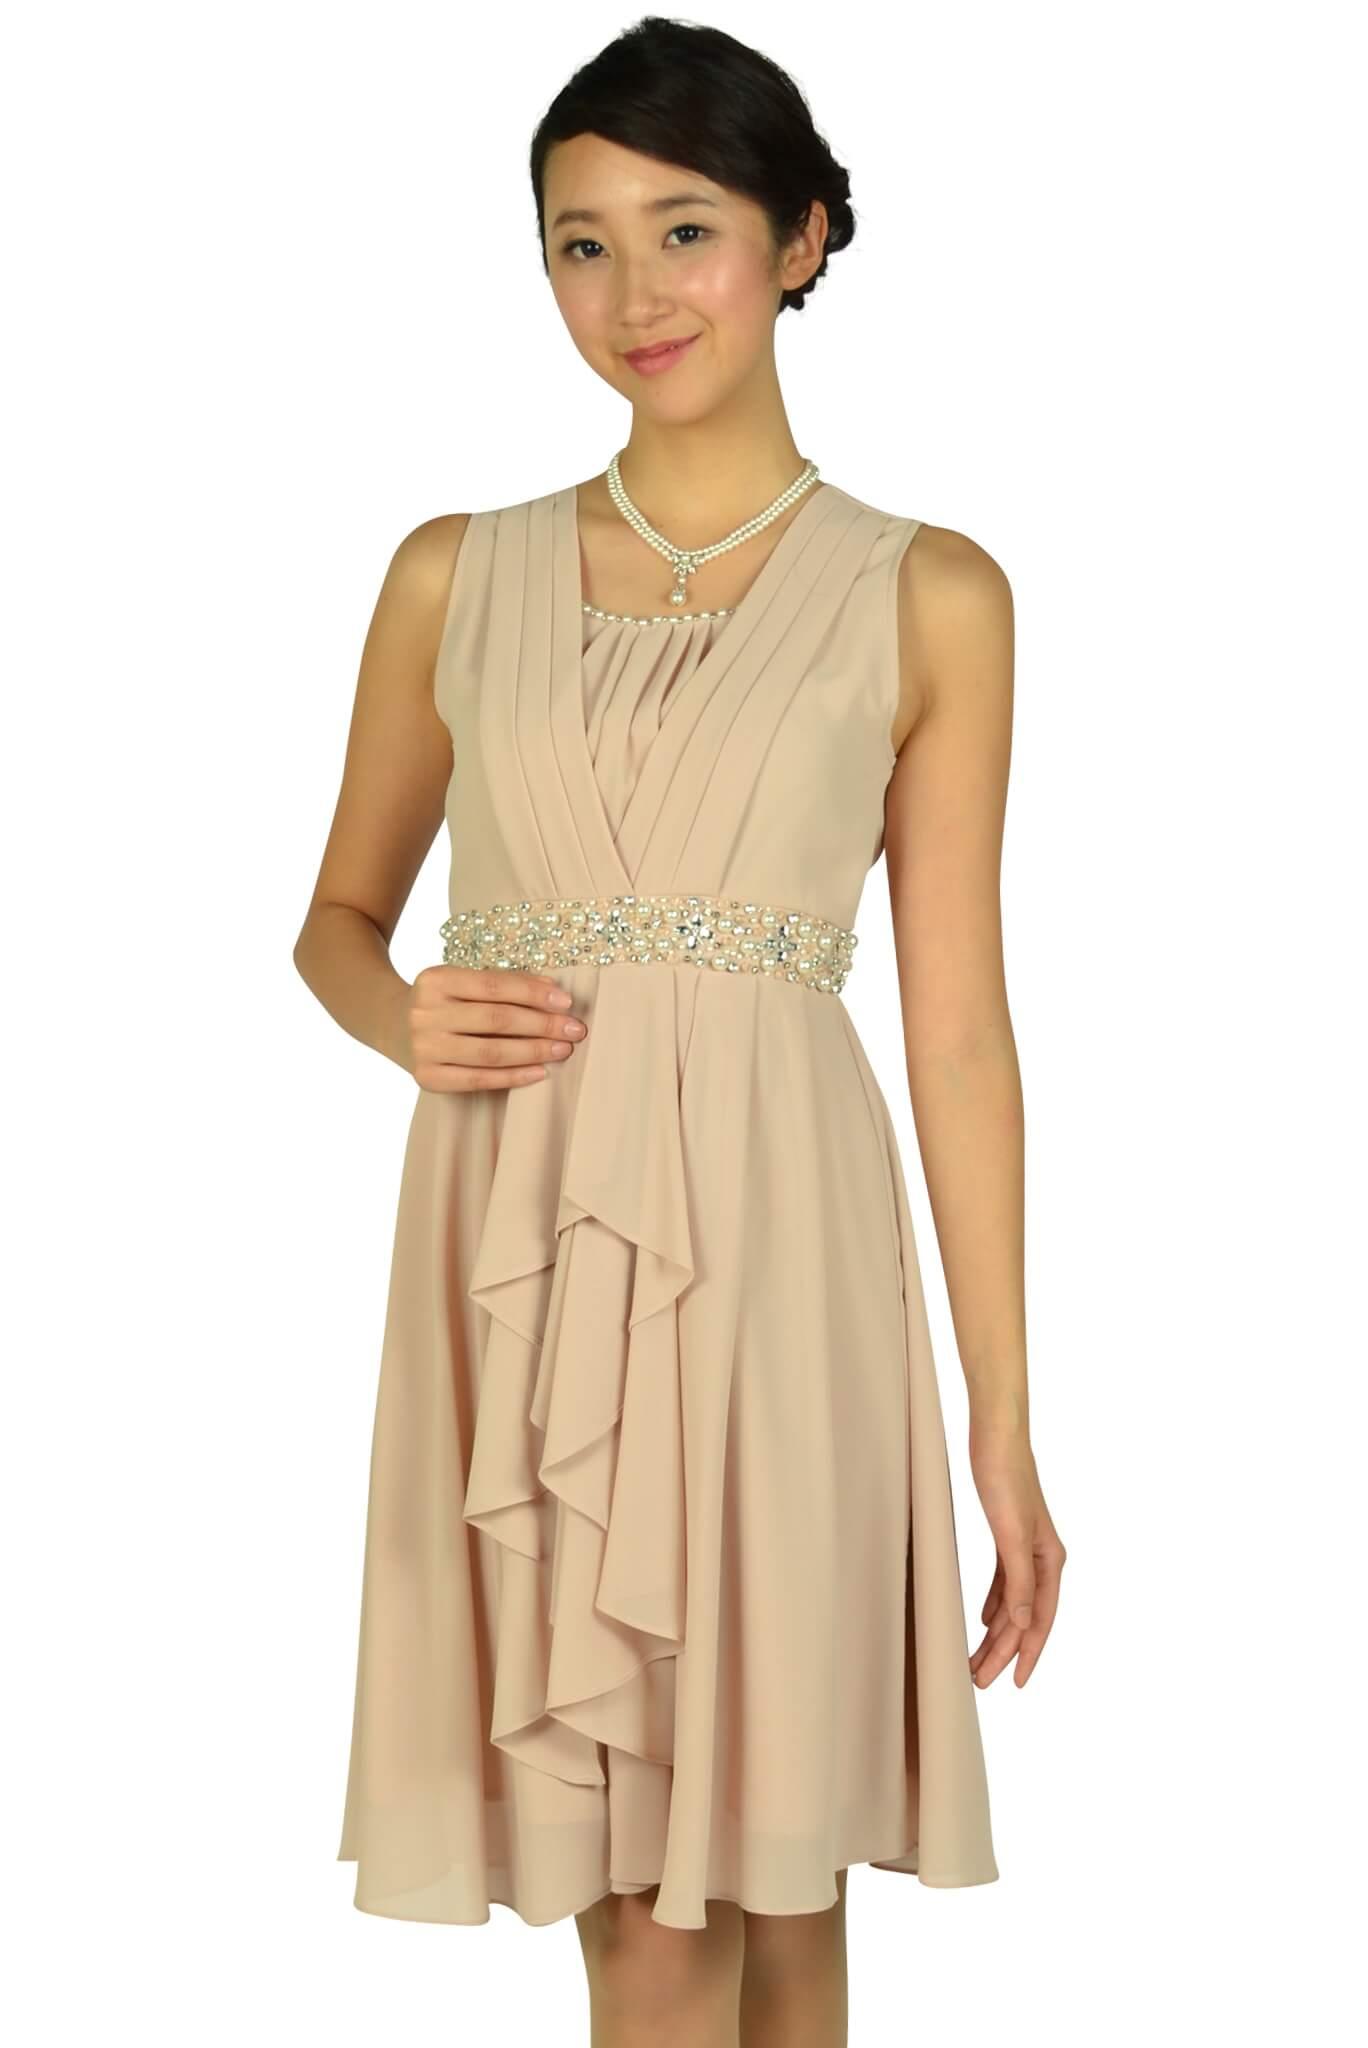 エルモソ (Hermoso)ウェストビジュシフォンピンクドレス